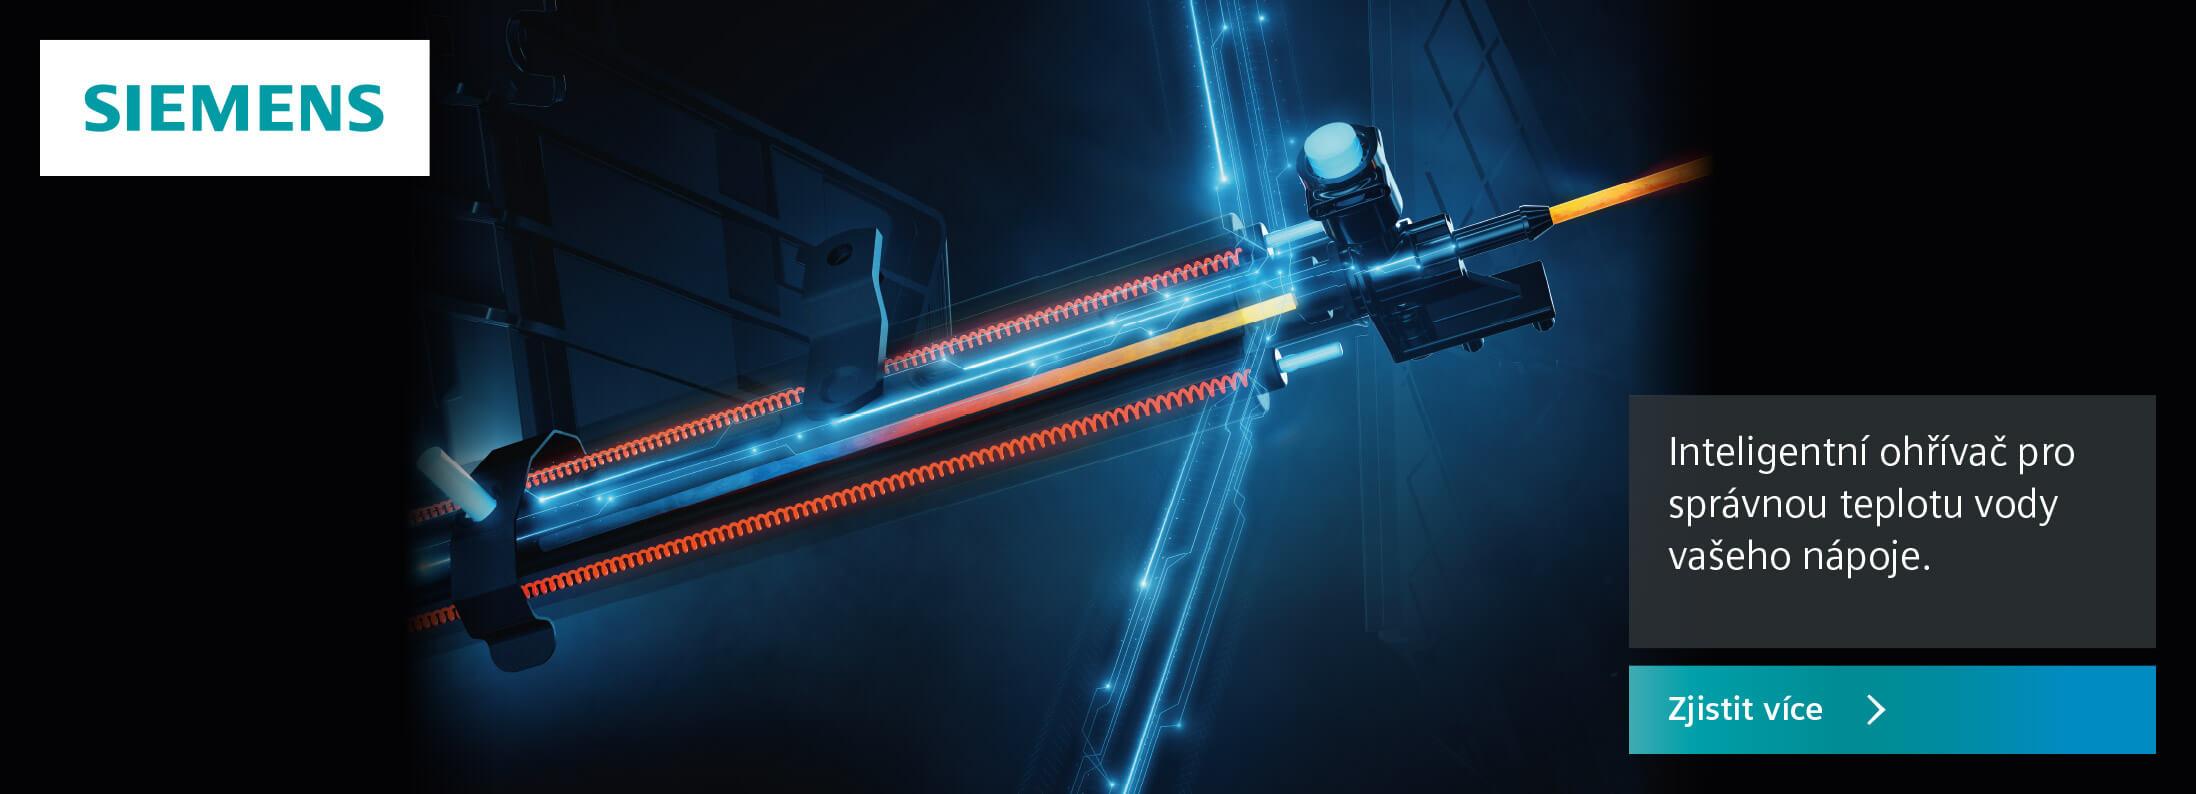 Siemens - Inteligentní ohřívač